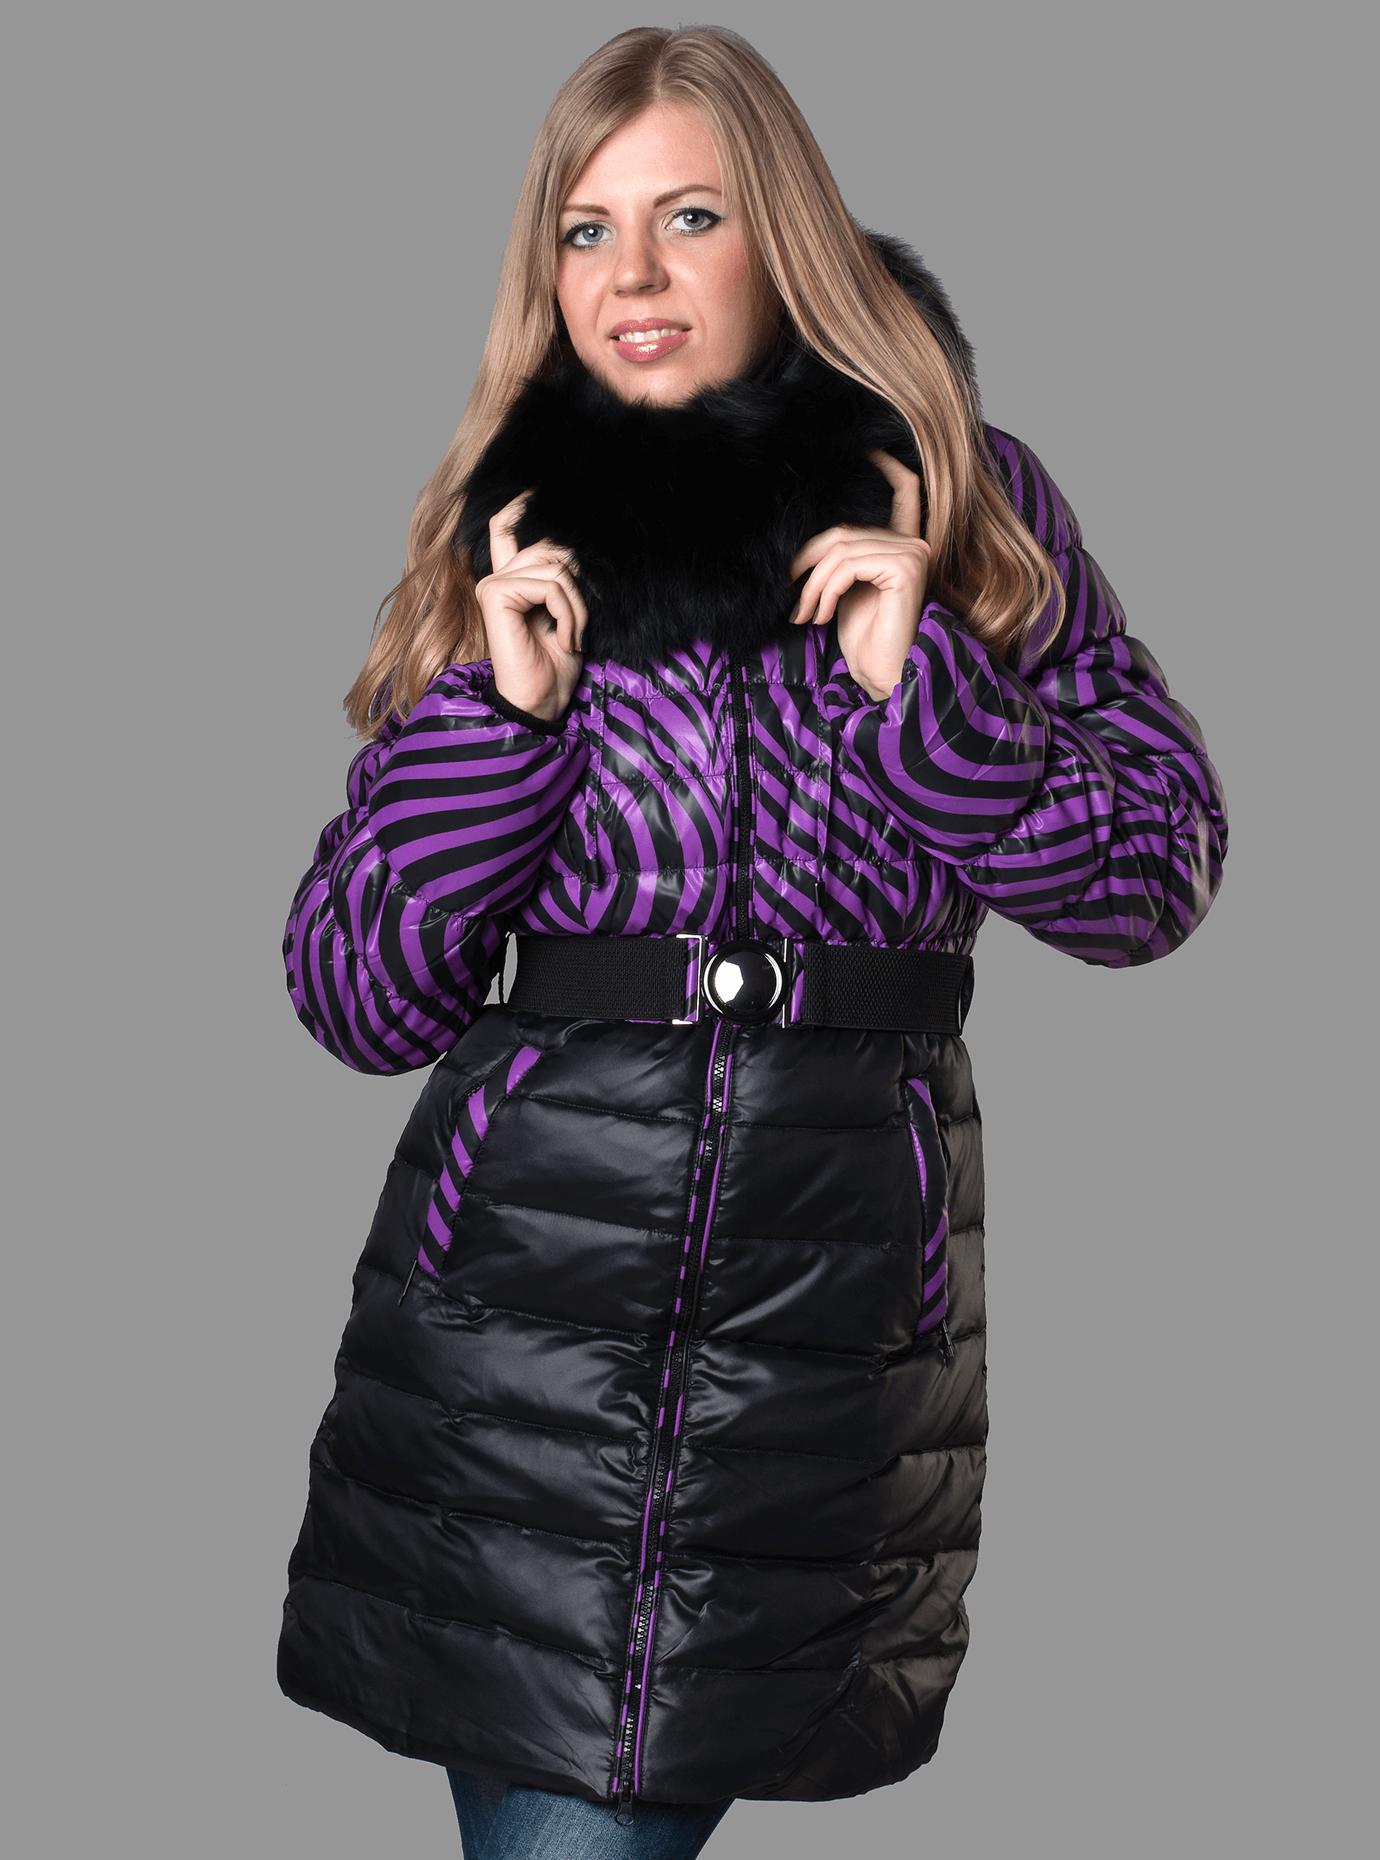 Пуховик зимний средней длины с мехом песца Фиолетовый S (01-RR16042): фото - Alster.ua